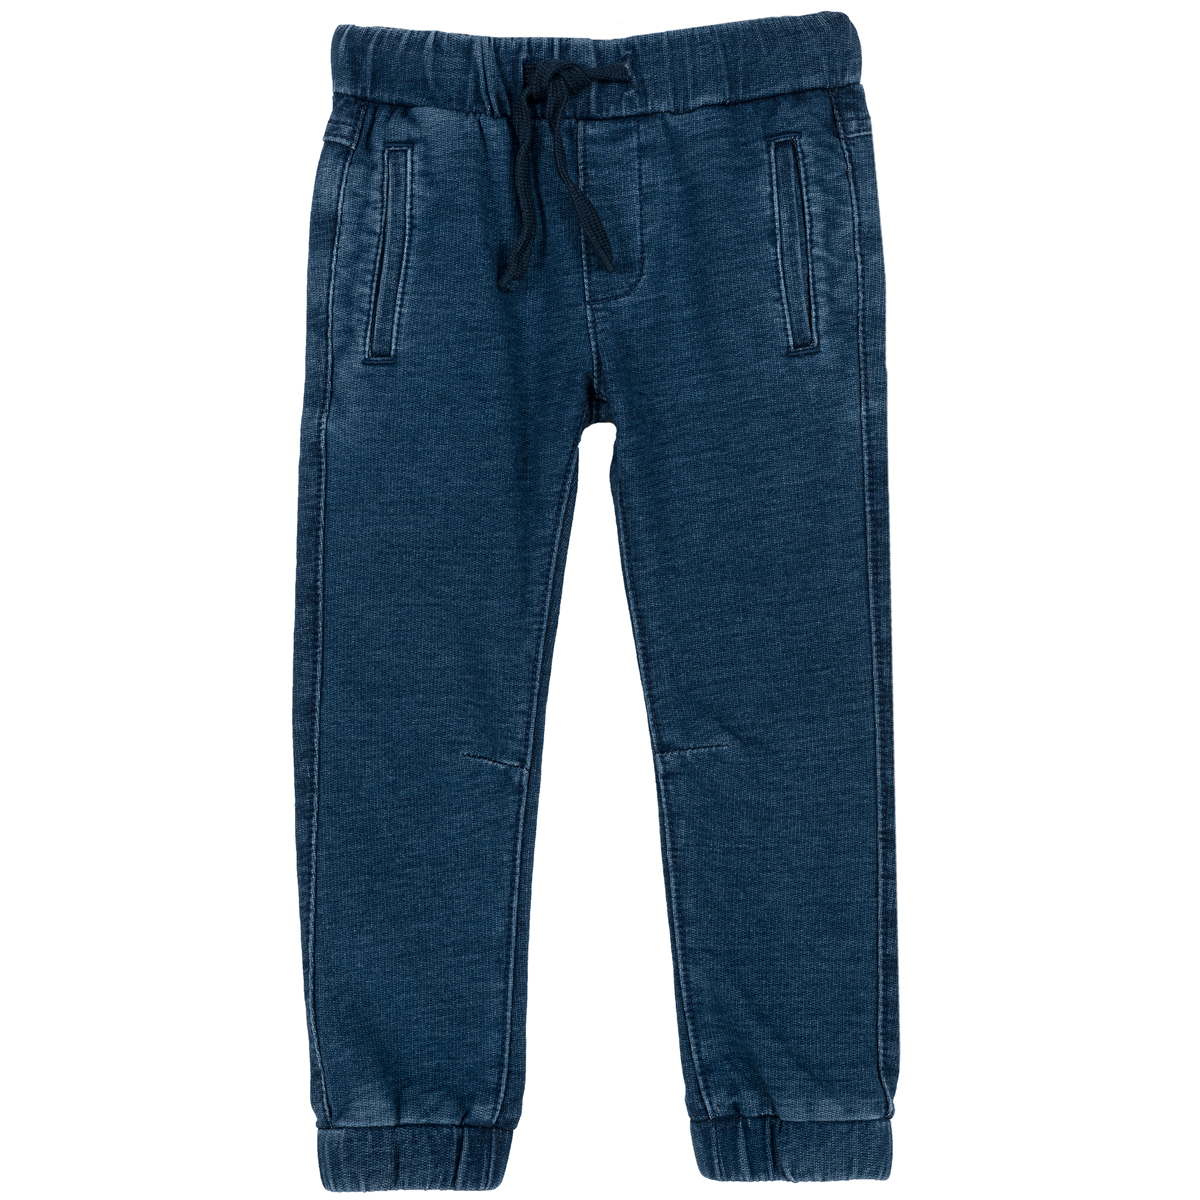 Pantalon lung Chicco, albastru deschis, 24983 din categoria Pantaloni copii